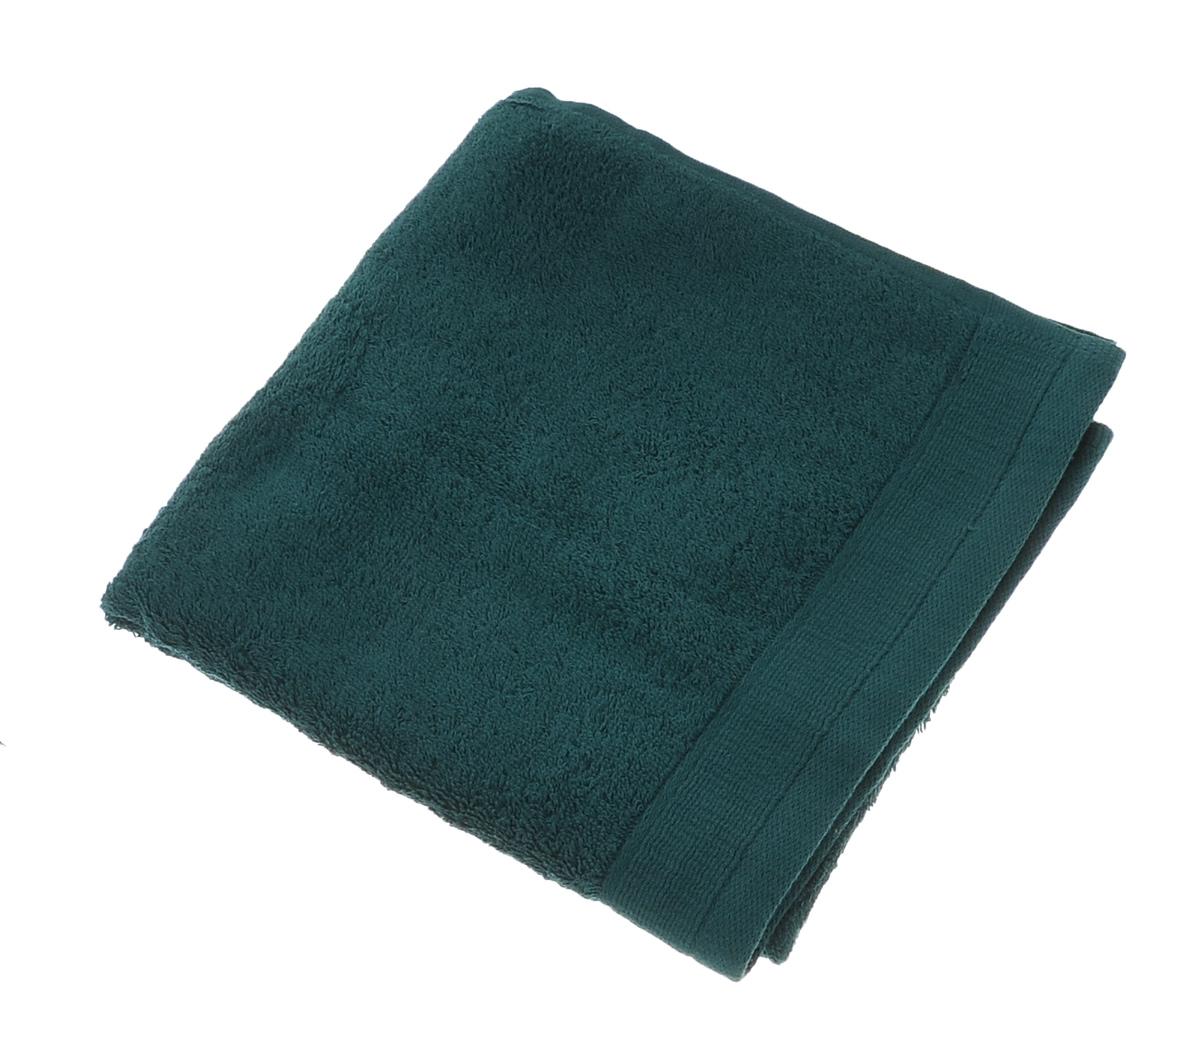 Полотенце махровое Guten Morgen, цвет: темно-зеленый, 50 см х 100 см полотенце махровое guten morgen цвет темно голубой 50 см х 100 см